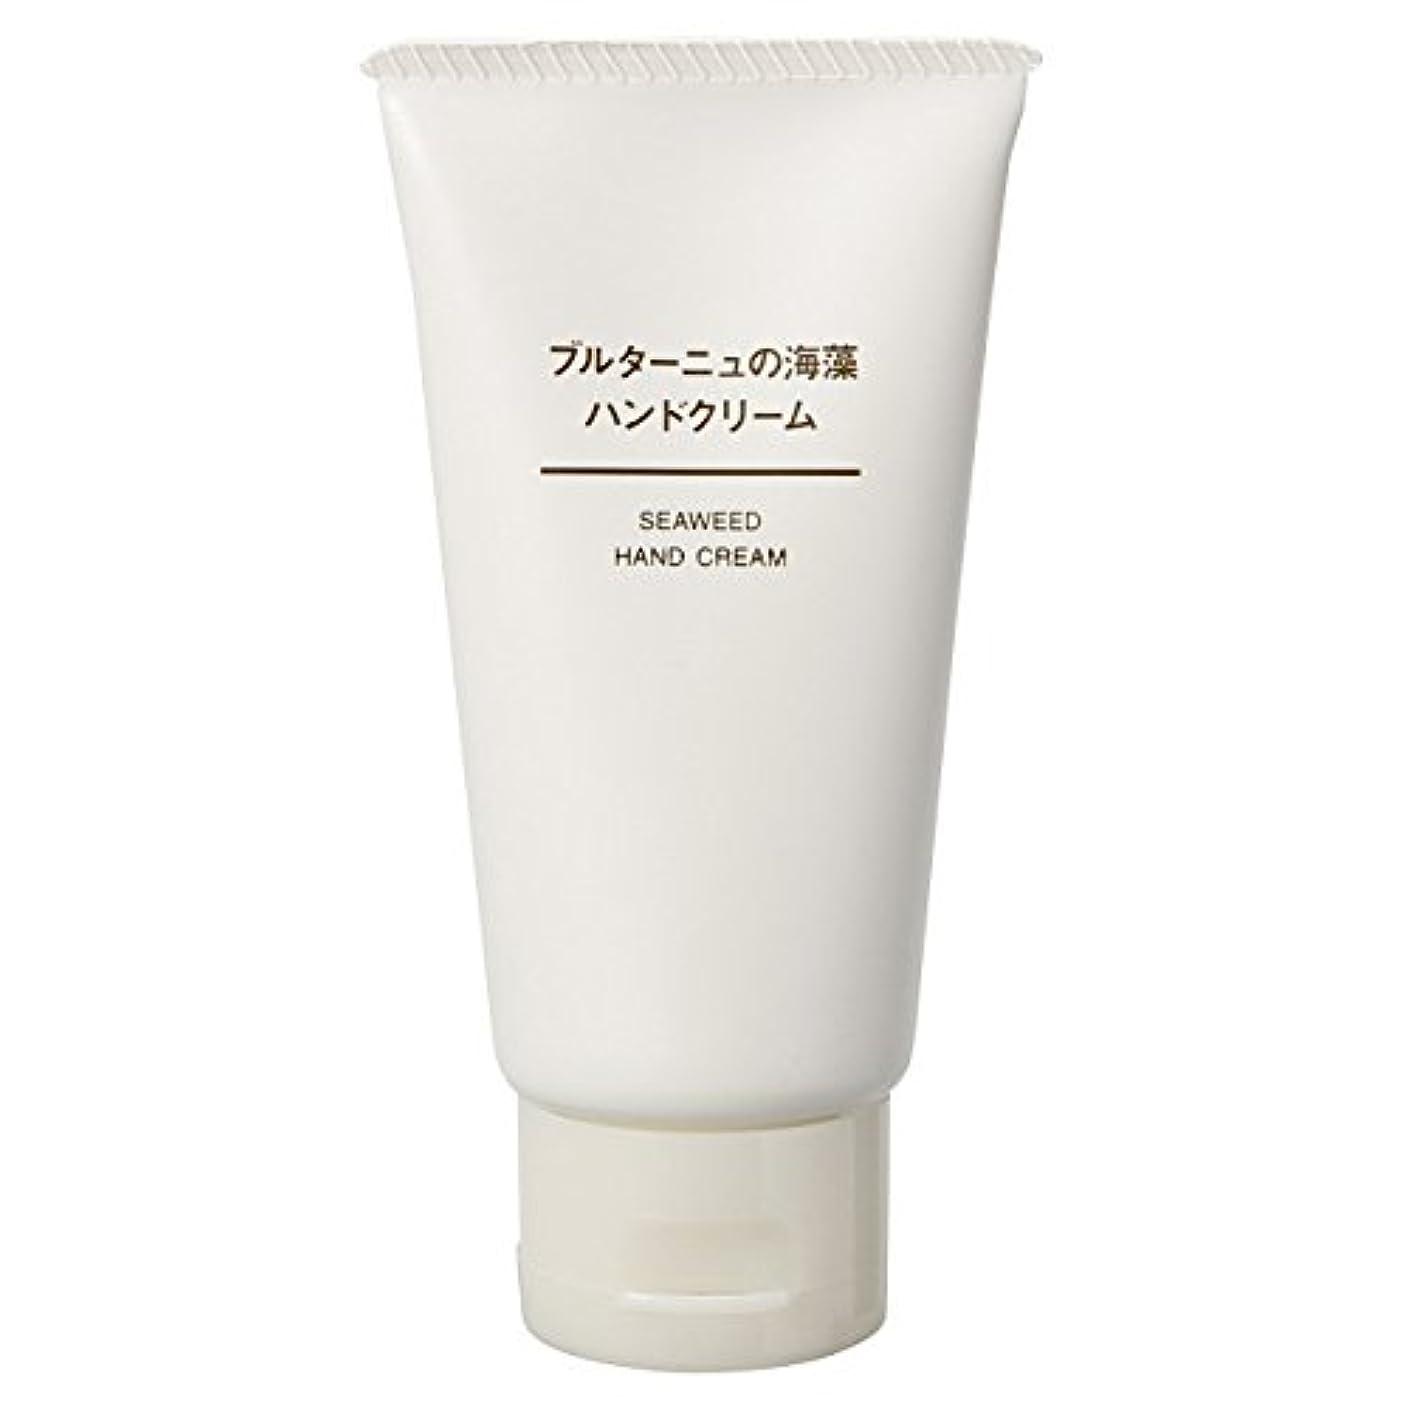 喉頭故障今後無印良品 ブルターニュの海藻 ハンドクリーム 50g 日本製